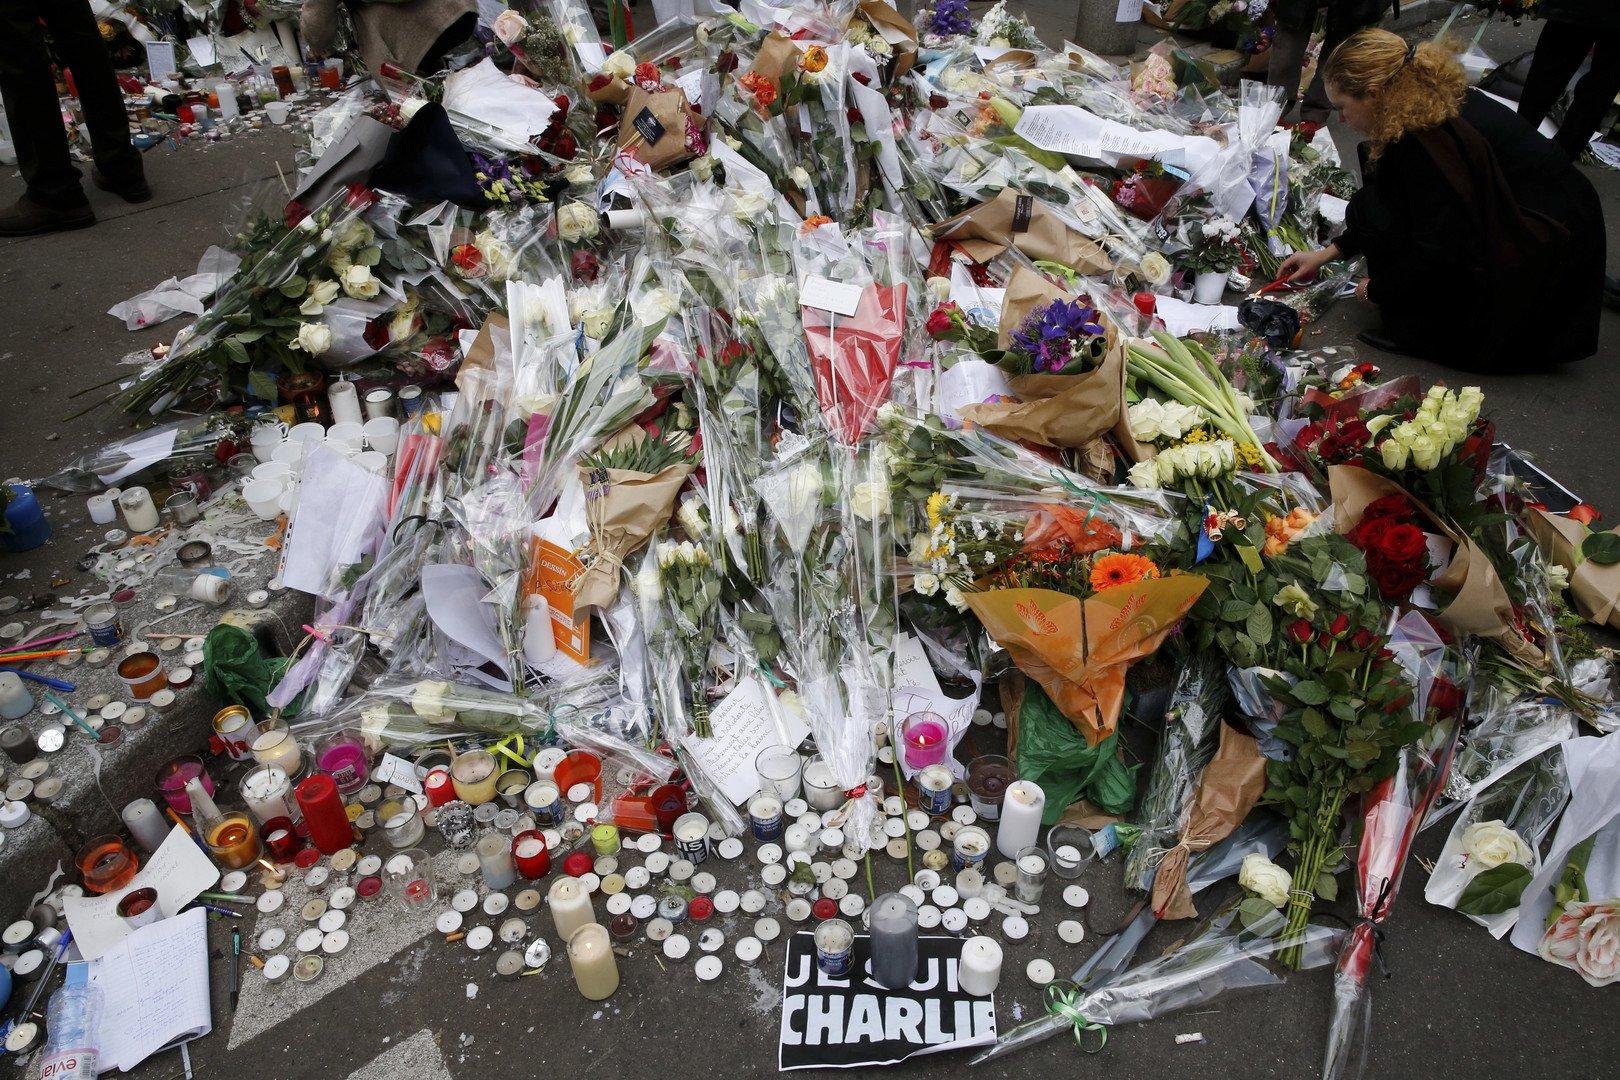 Les fleurs déposées sur place de l'attentat de Charlie Hebdo  (REUTERS/Pascal Rossignol)